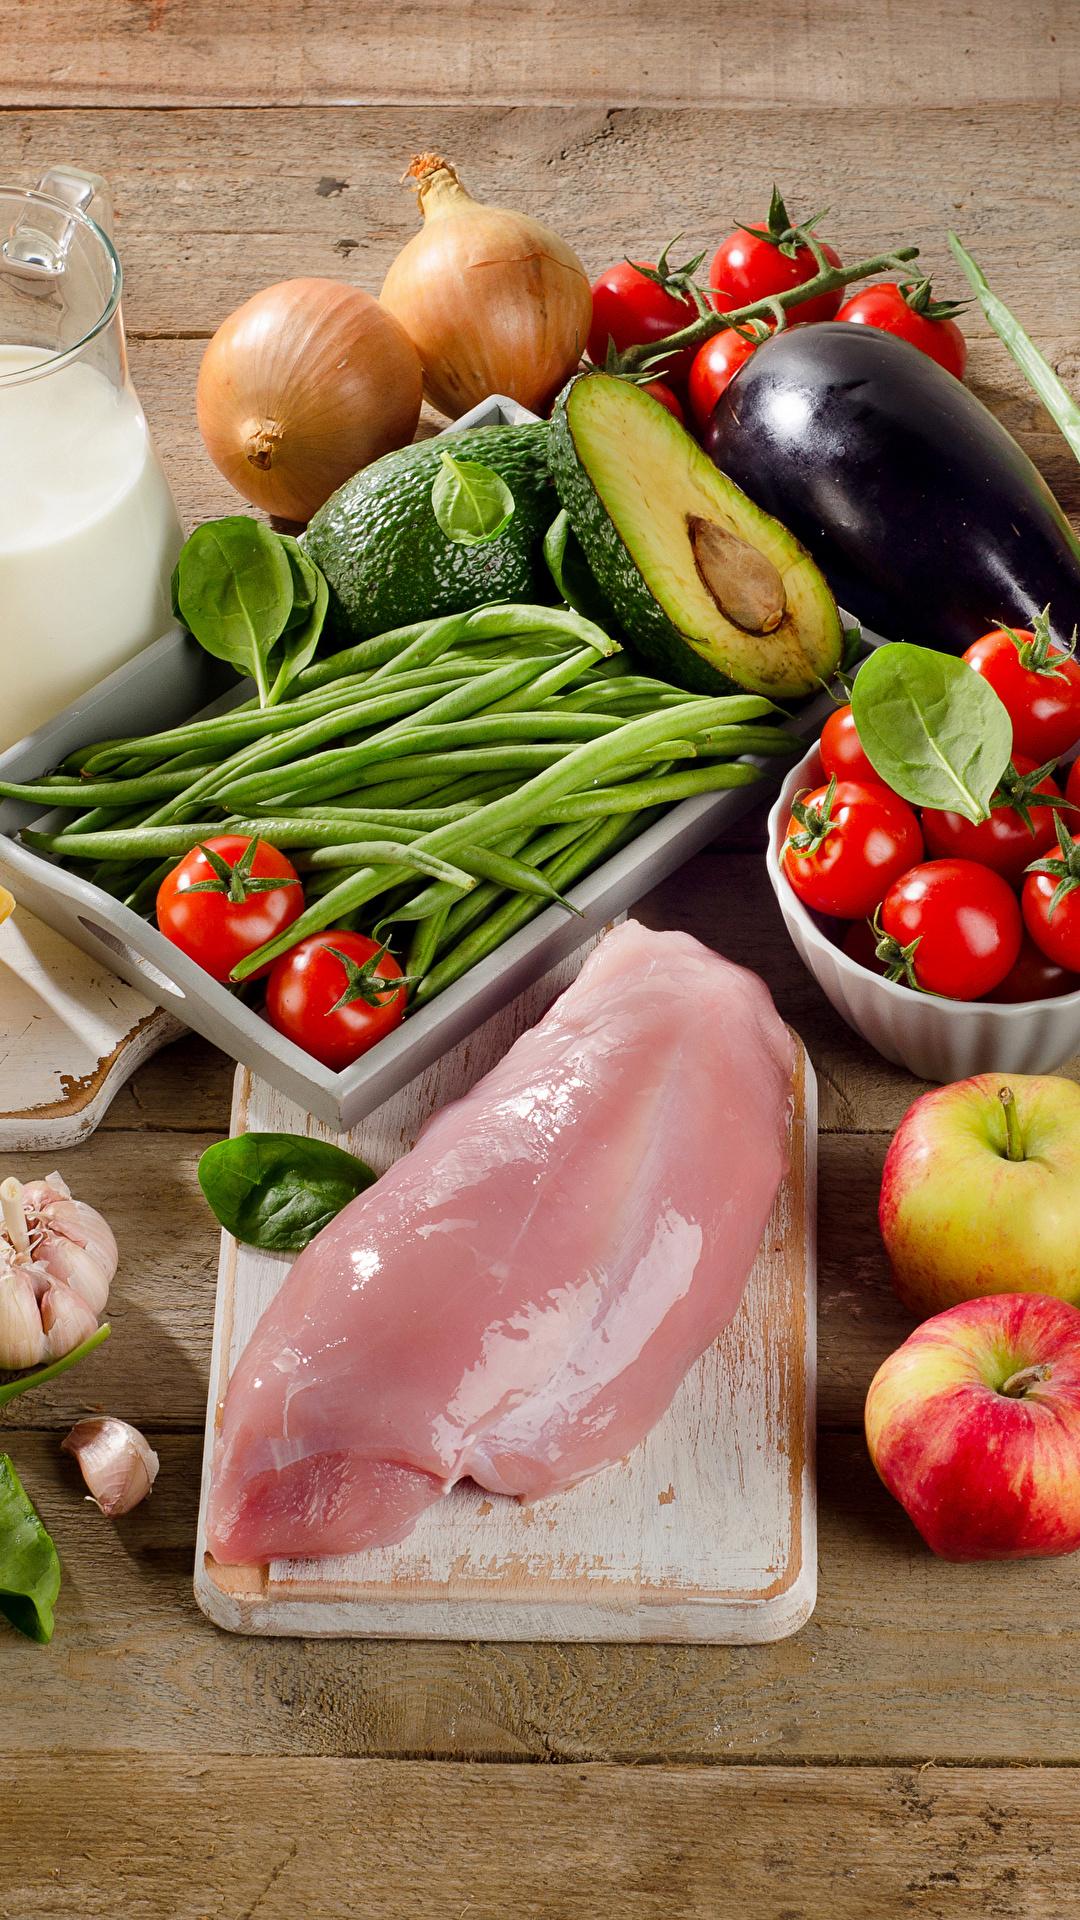 Диета Овощная Мясная. Популярная, эффективная и простая в соблюдении мясная диета, меню с рецептами на каждый день